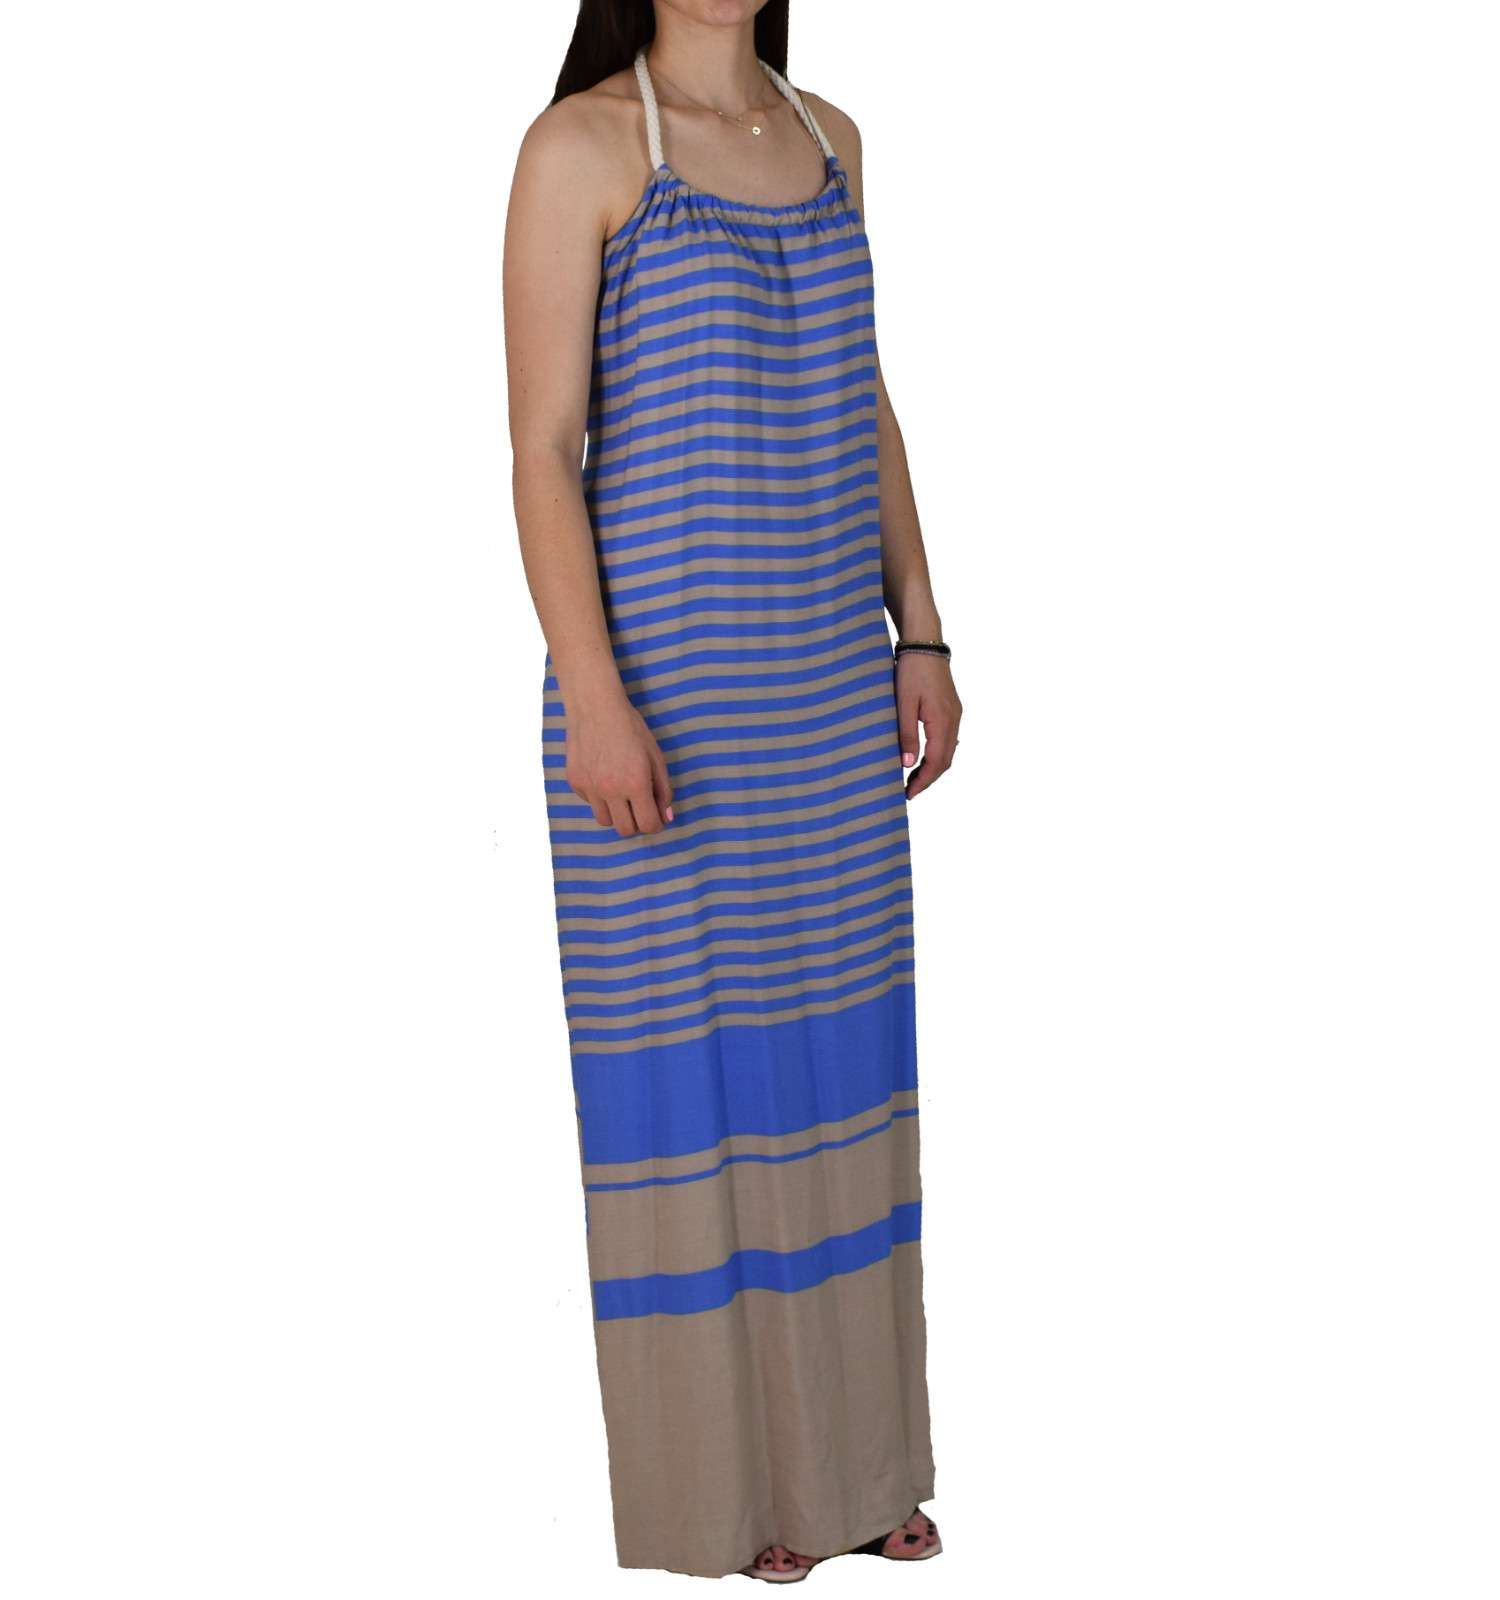 Φόρεμα Maxi L3 8545.14 Μπλε Μπεζ Ριγέ 8545.14 mple mpez - Glami.gr 2bb48f091fb